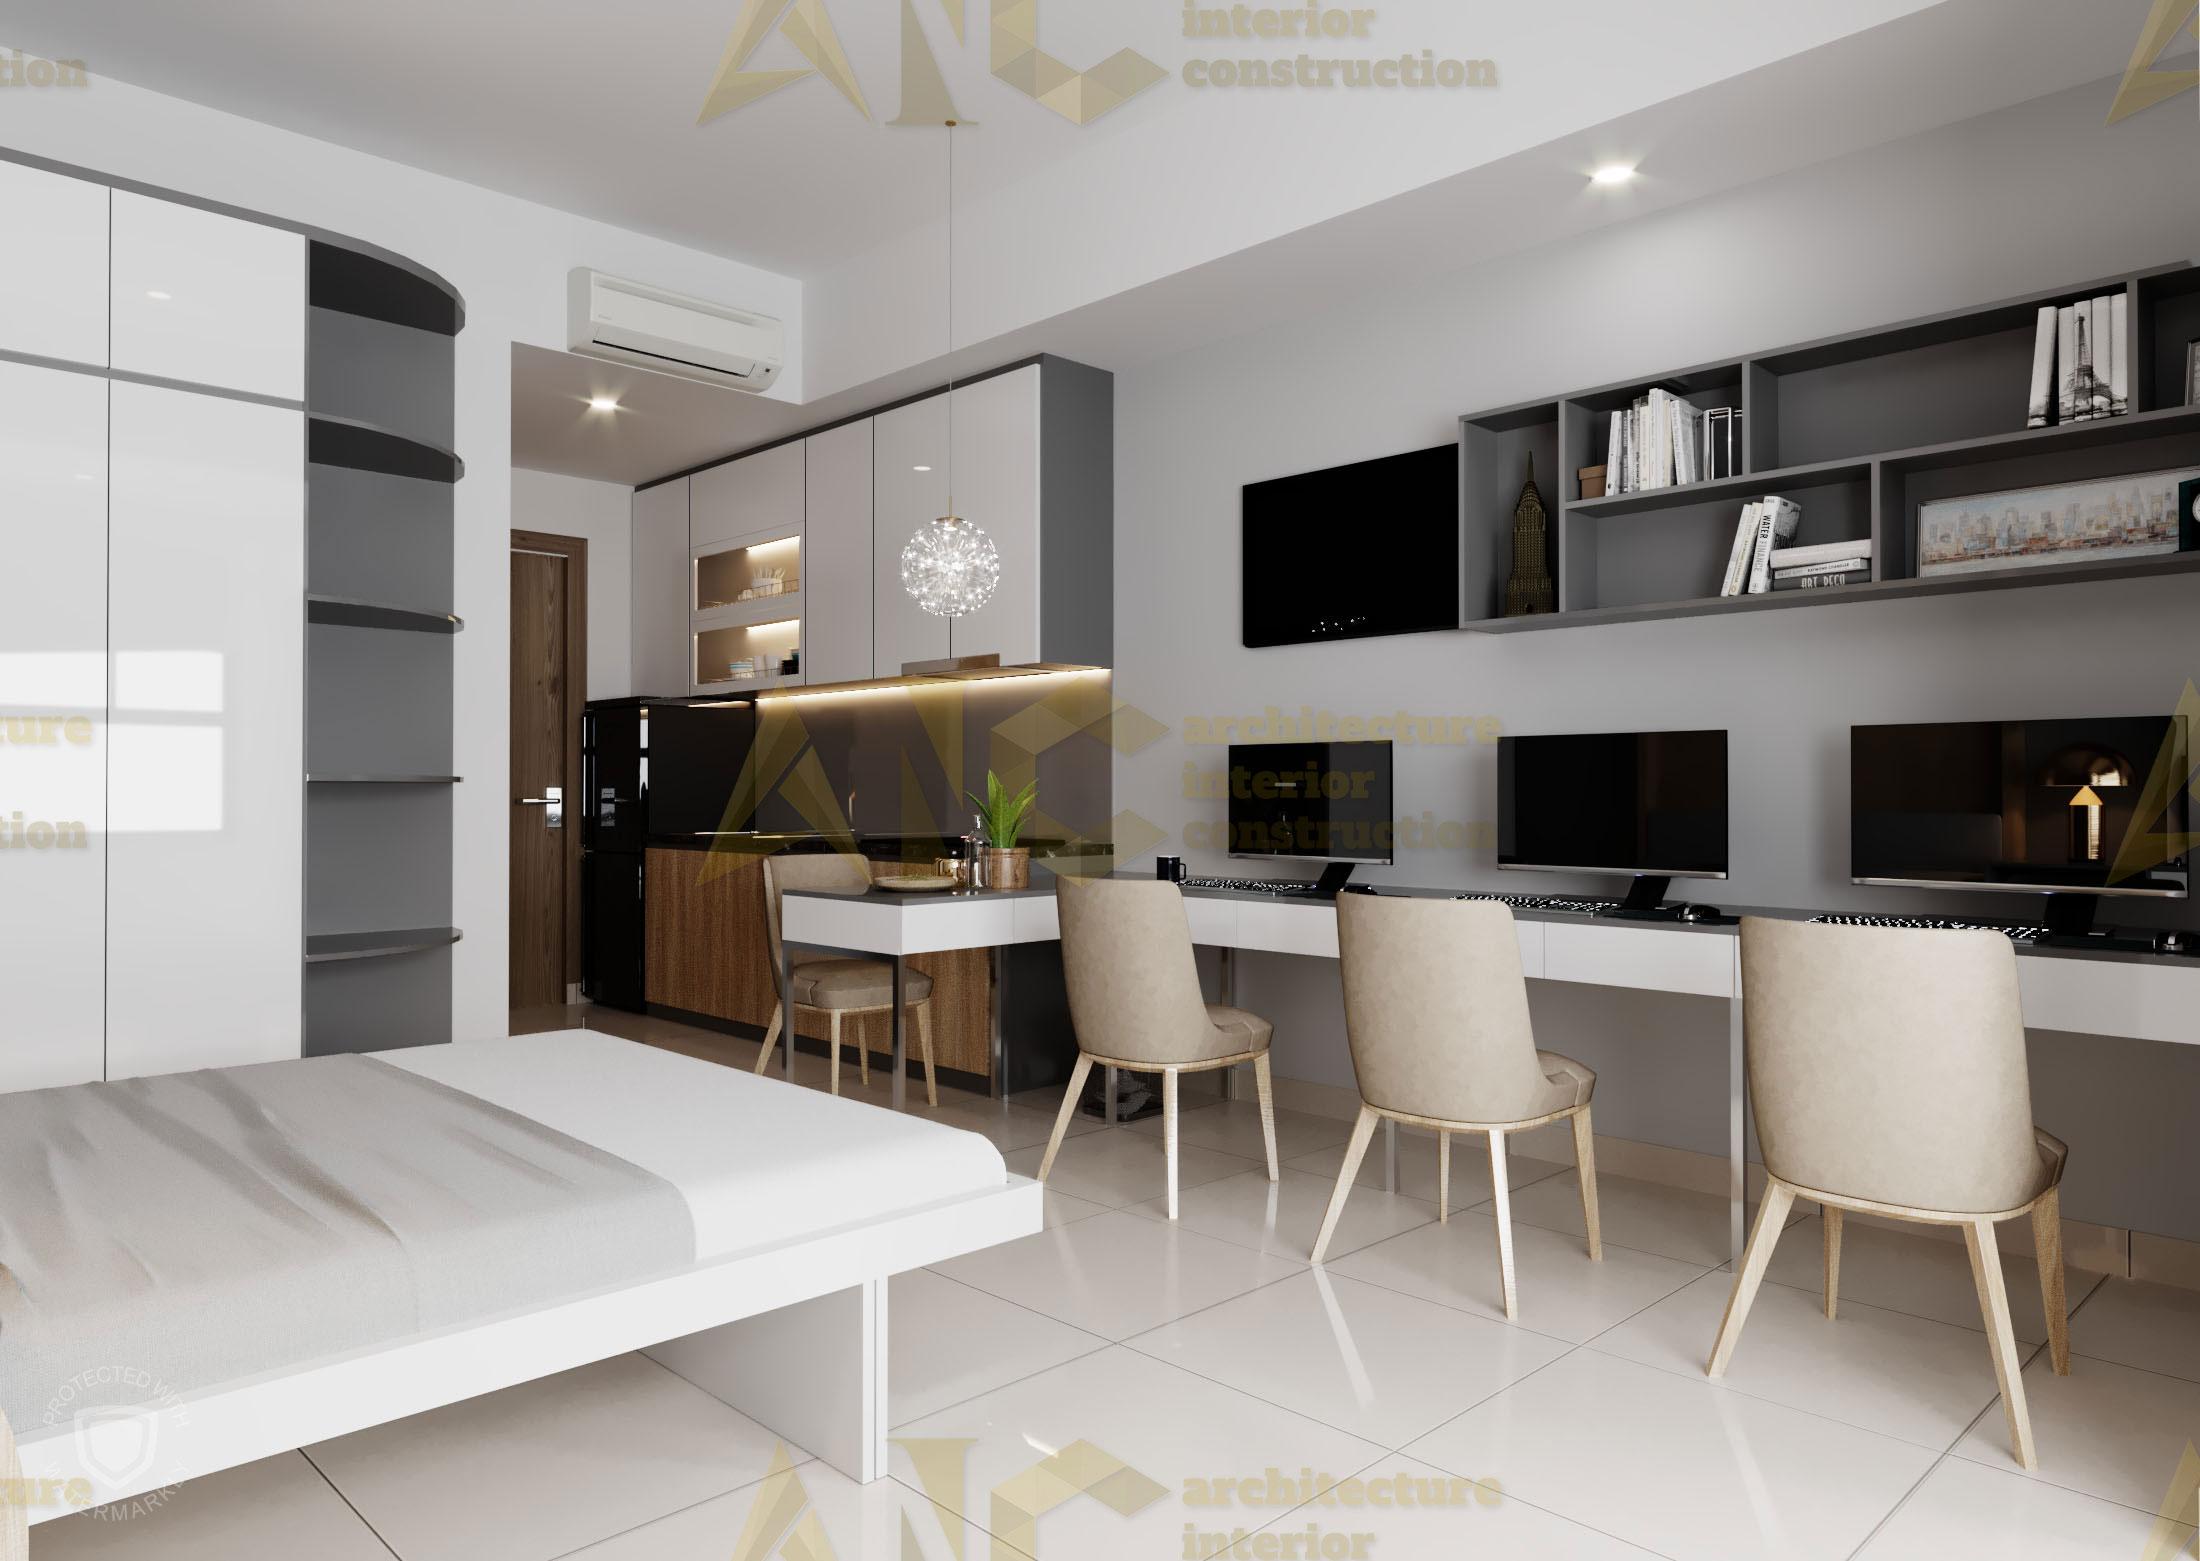 Thiết kế & thi công nội thất căn hộ chú Thắng- view 2